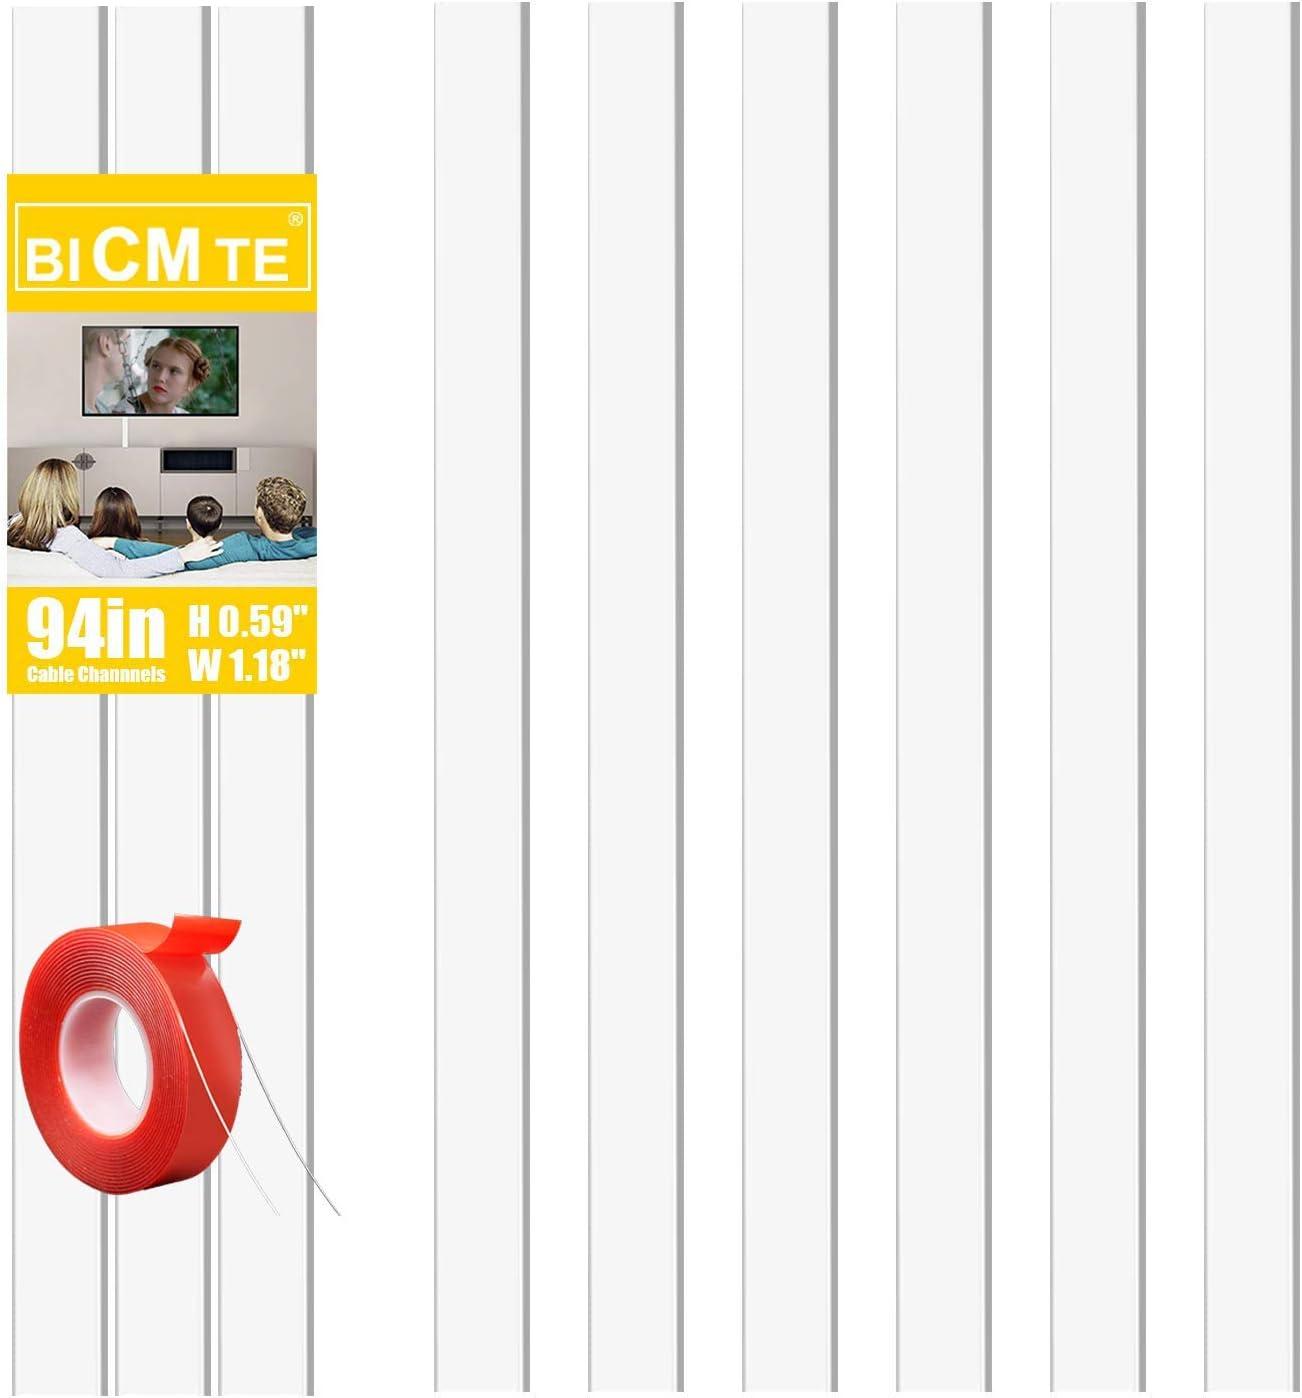 Kabelkanal Weiss 2 4m 6 Stk 30x15mm Tv Kabelkanal Kabelkanal Selbstklebend Weiss Mit Selbstklebendes Klebeband Und Schrauben Zum Kabel Verstecken Bei Kabelsalat Baumarkt